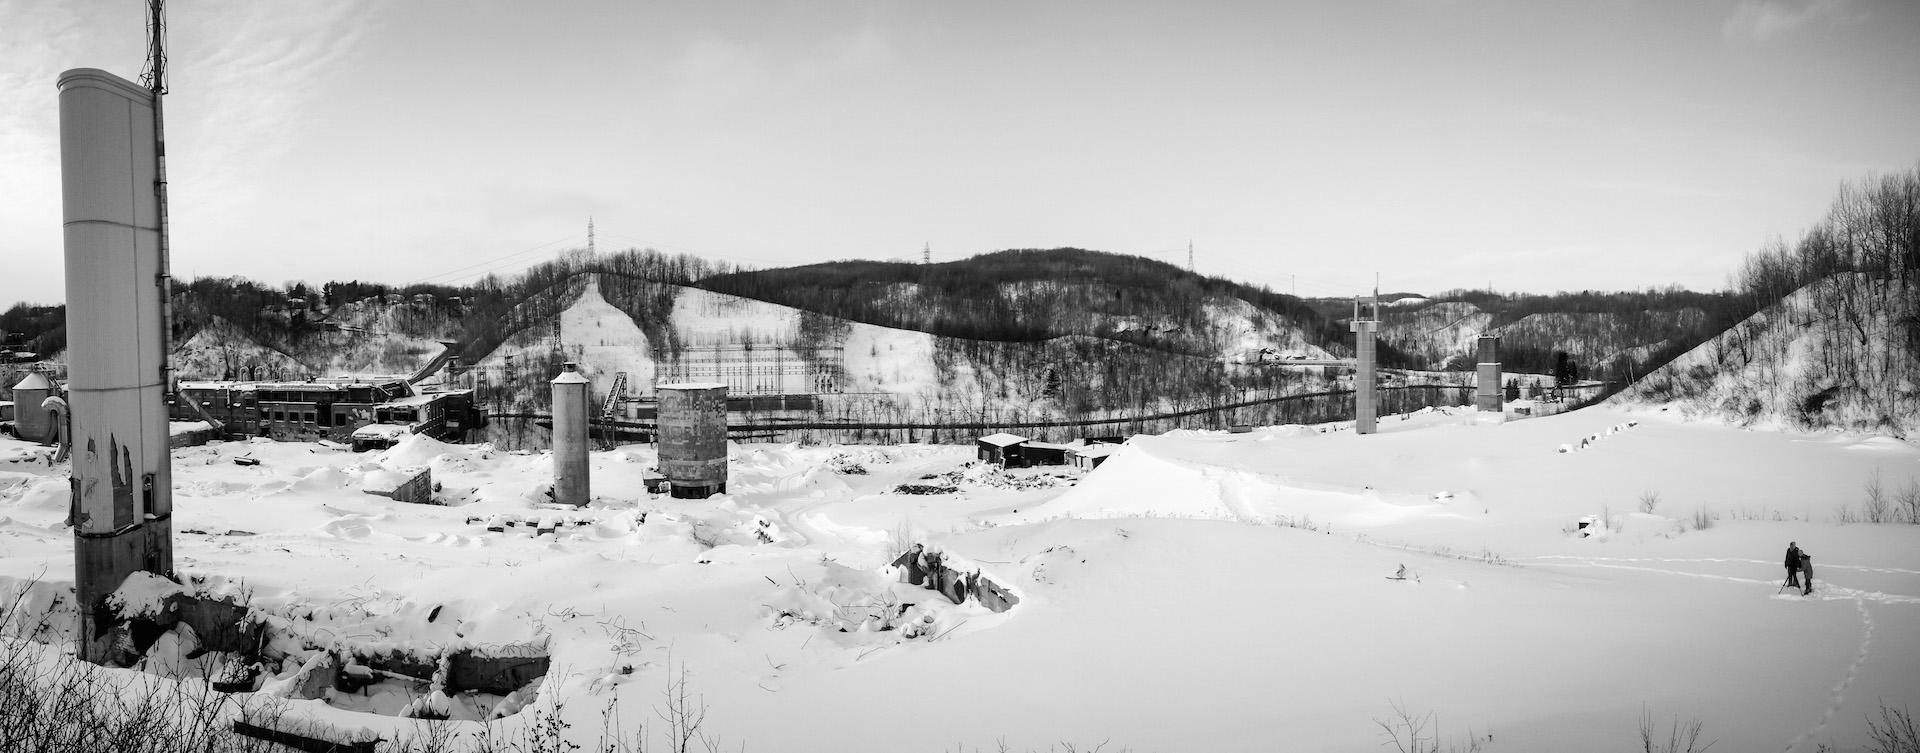 En repérage pour Quand ferme l'usine - Ruines de la Belgo, Shawinigan. Photo Moïse Marcoux-Chabot